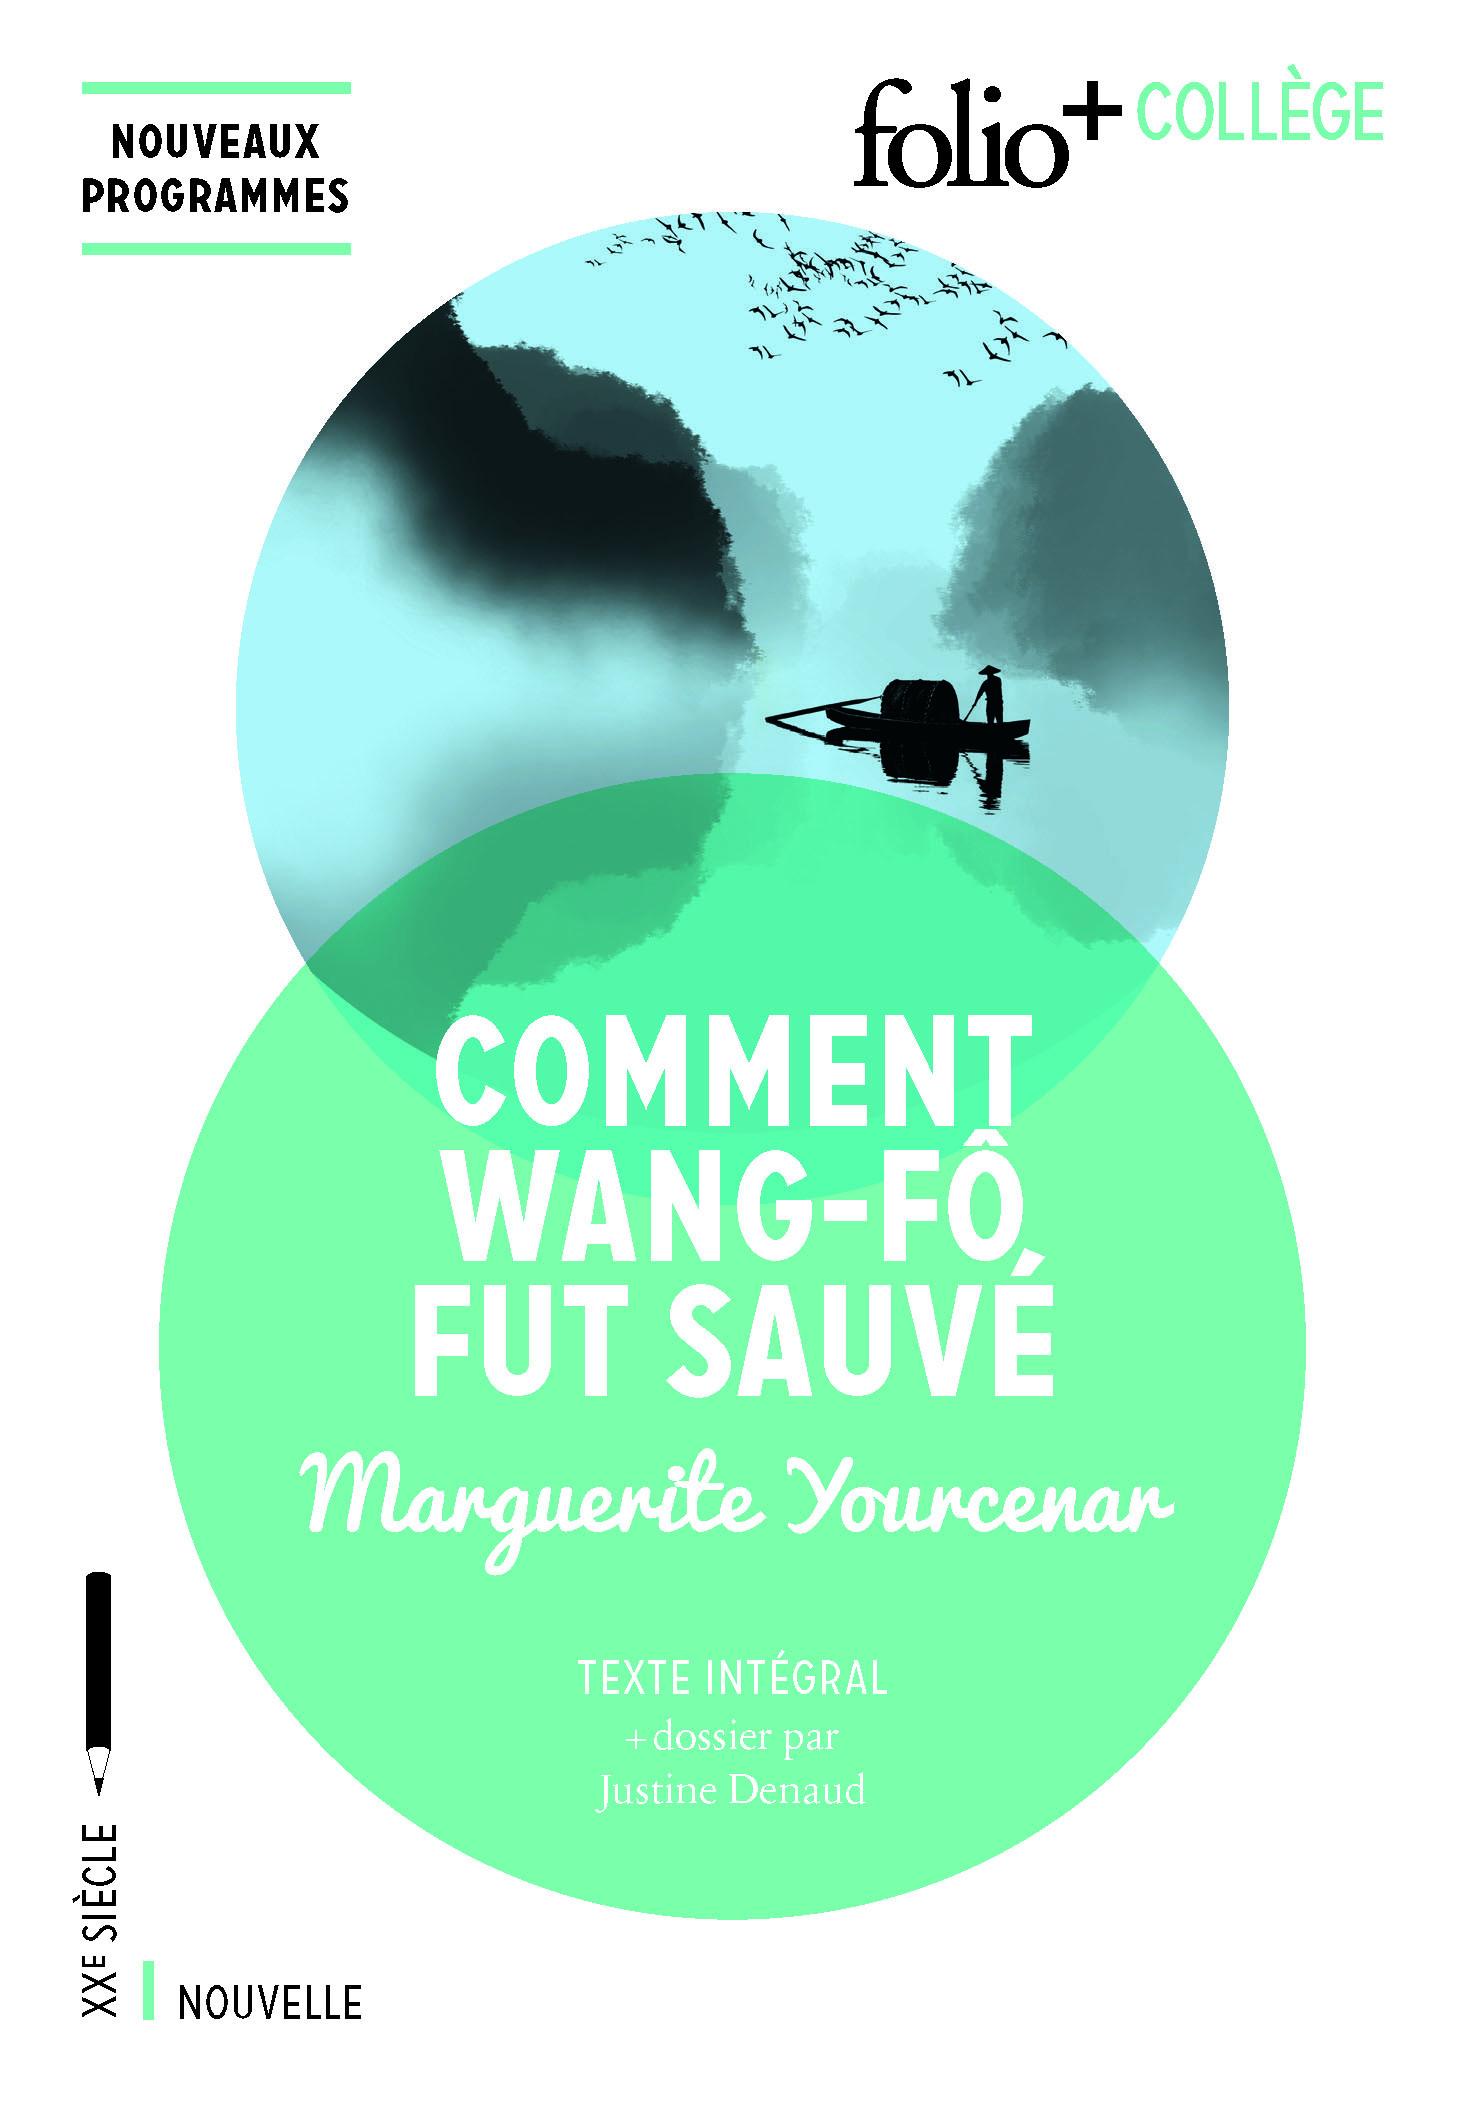 COMMENT WANG-FO FUT SAUVE